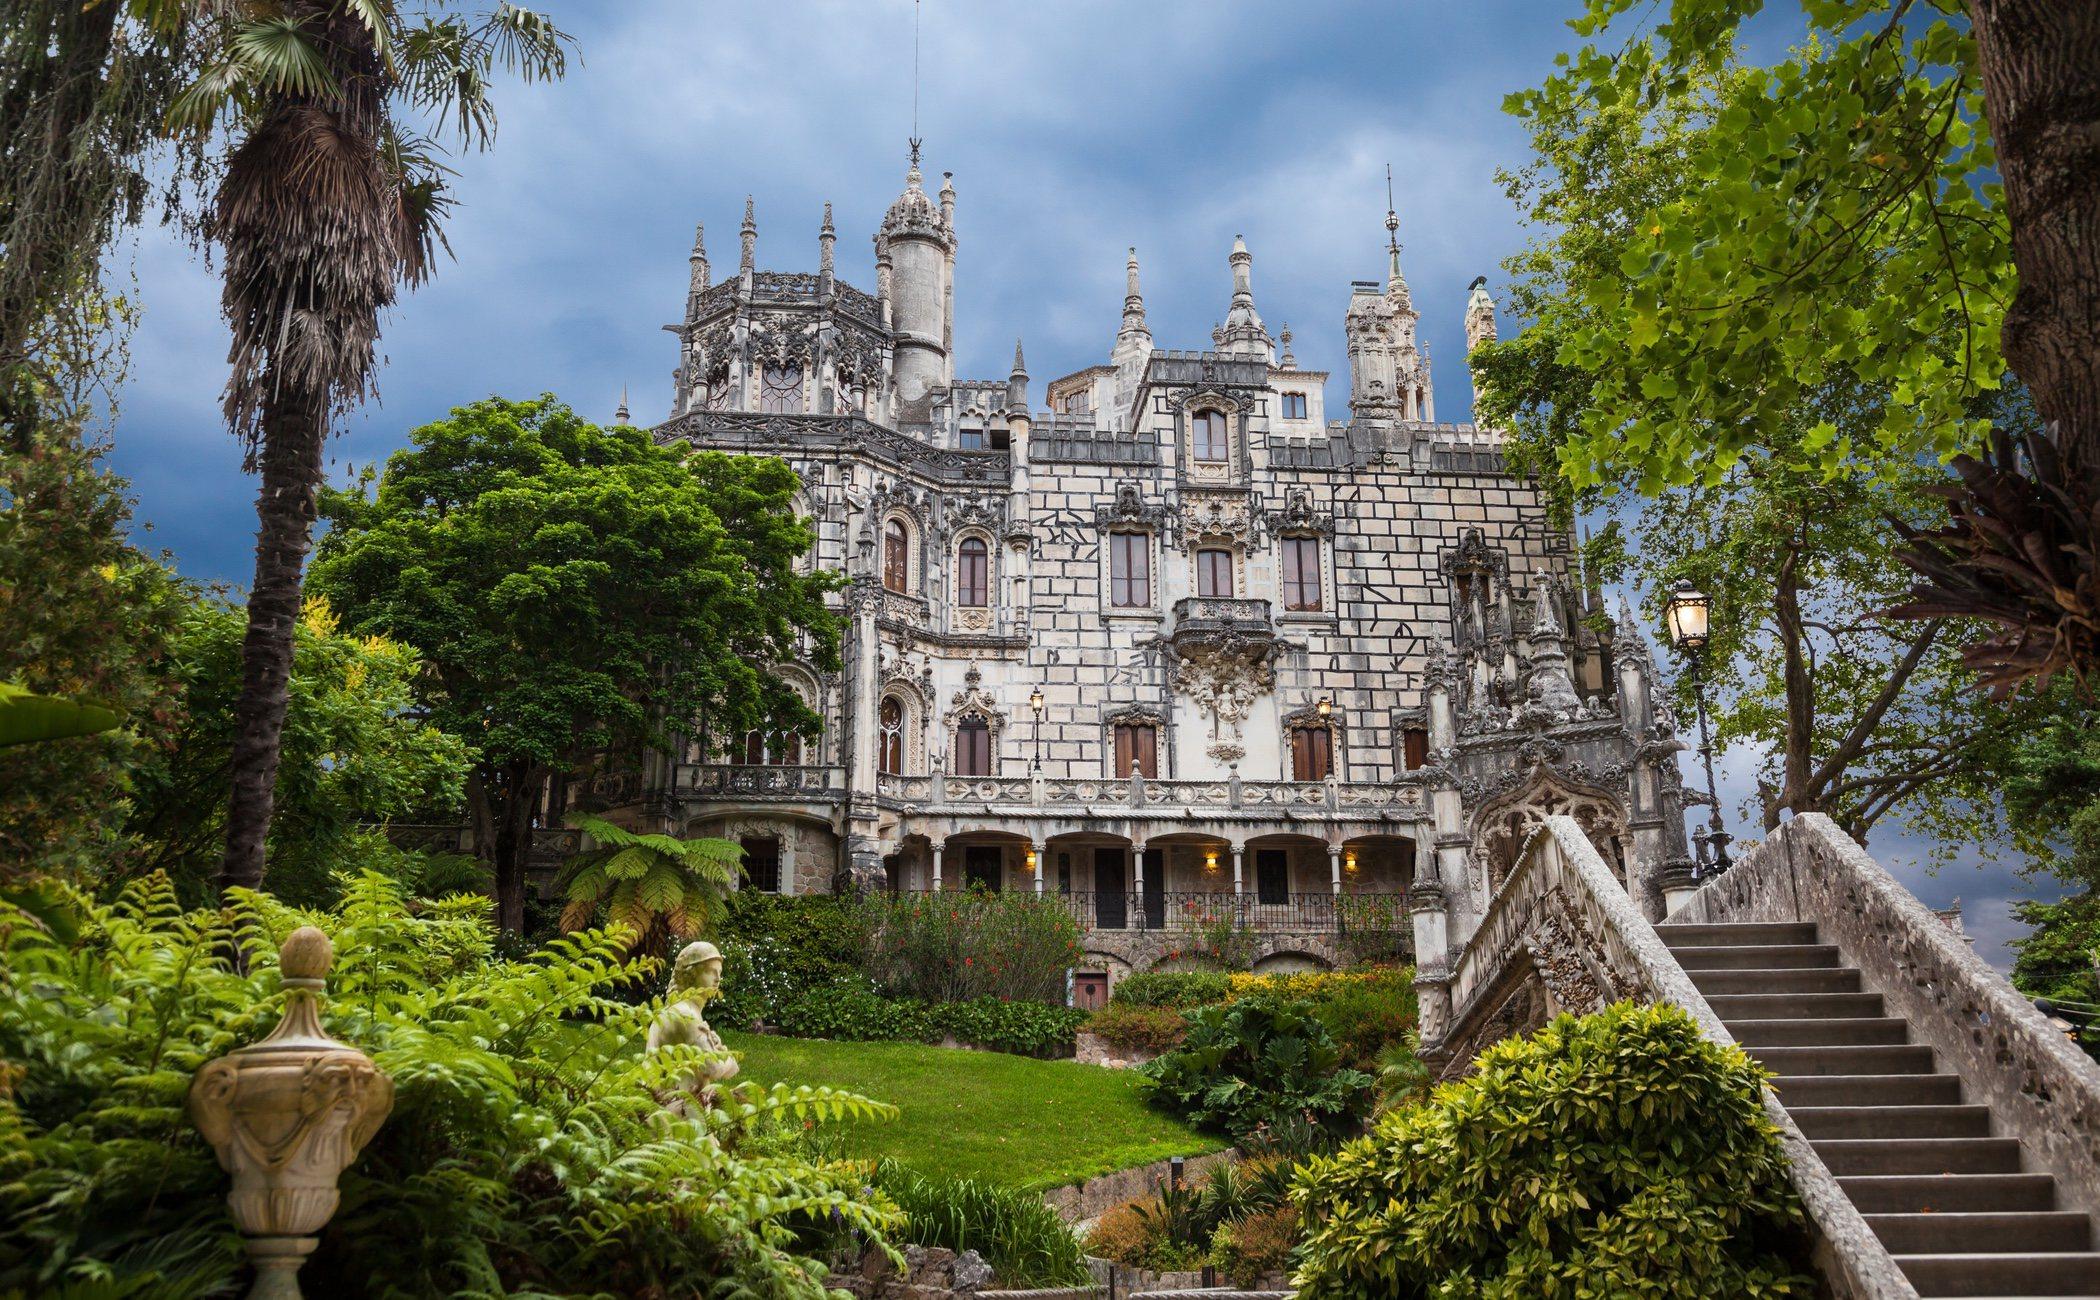 Quinta da Regaleira: El monumento más asombroso, misterioso y desconocido de Sintra